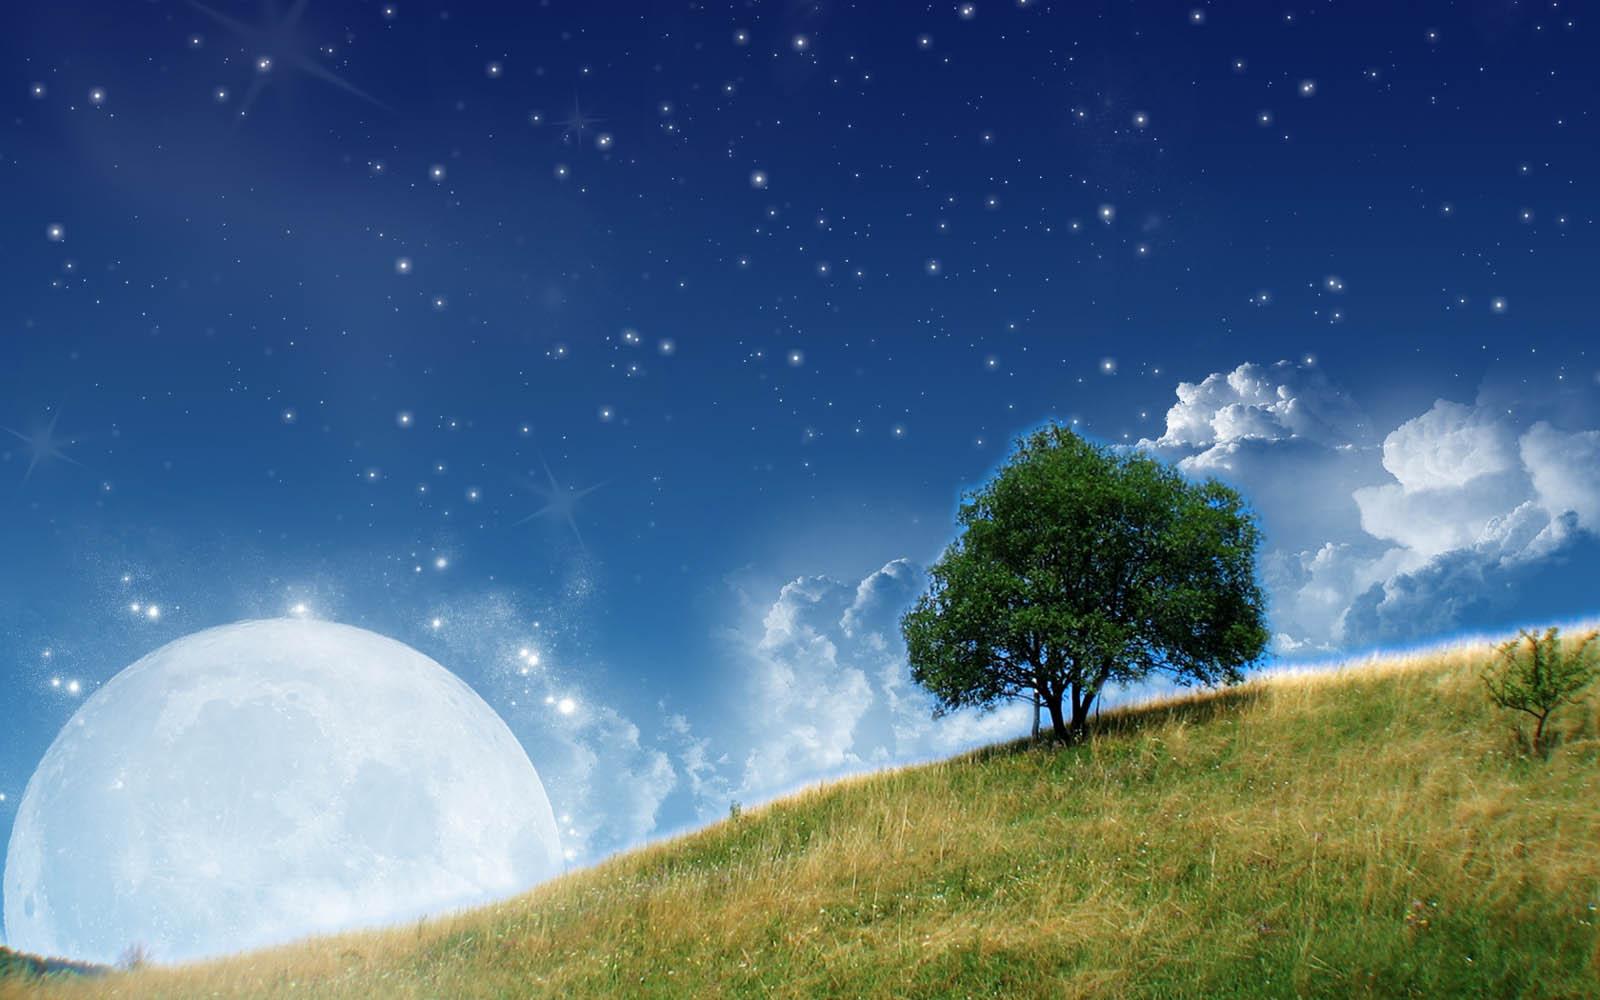 Moon Nature Wallpapers Desktop Wallpaper 1600x1000